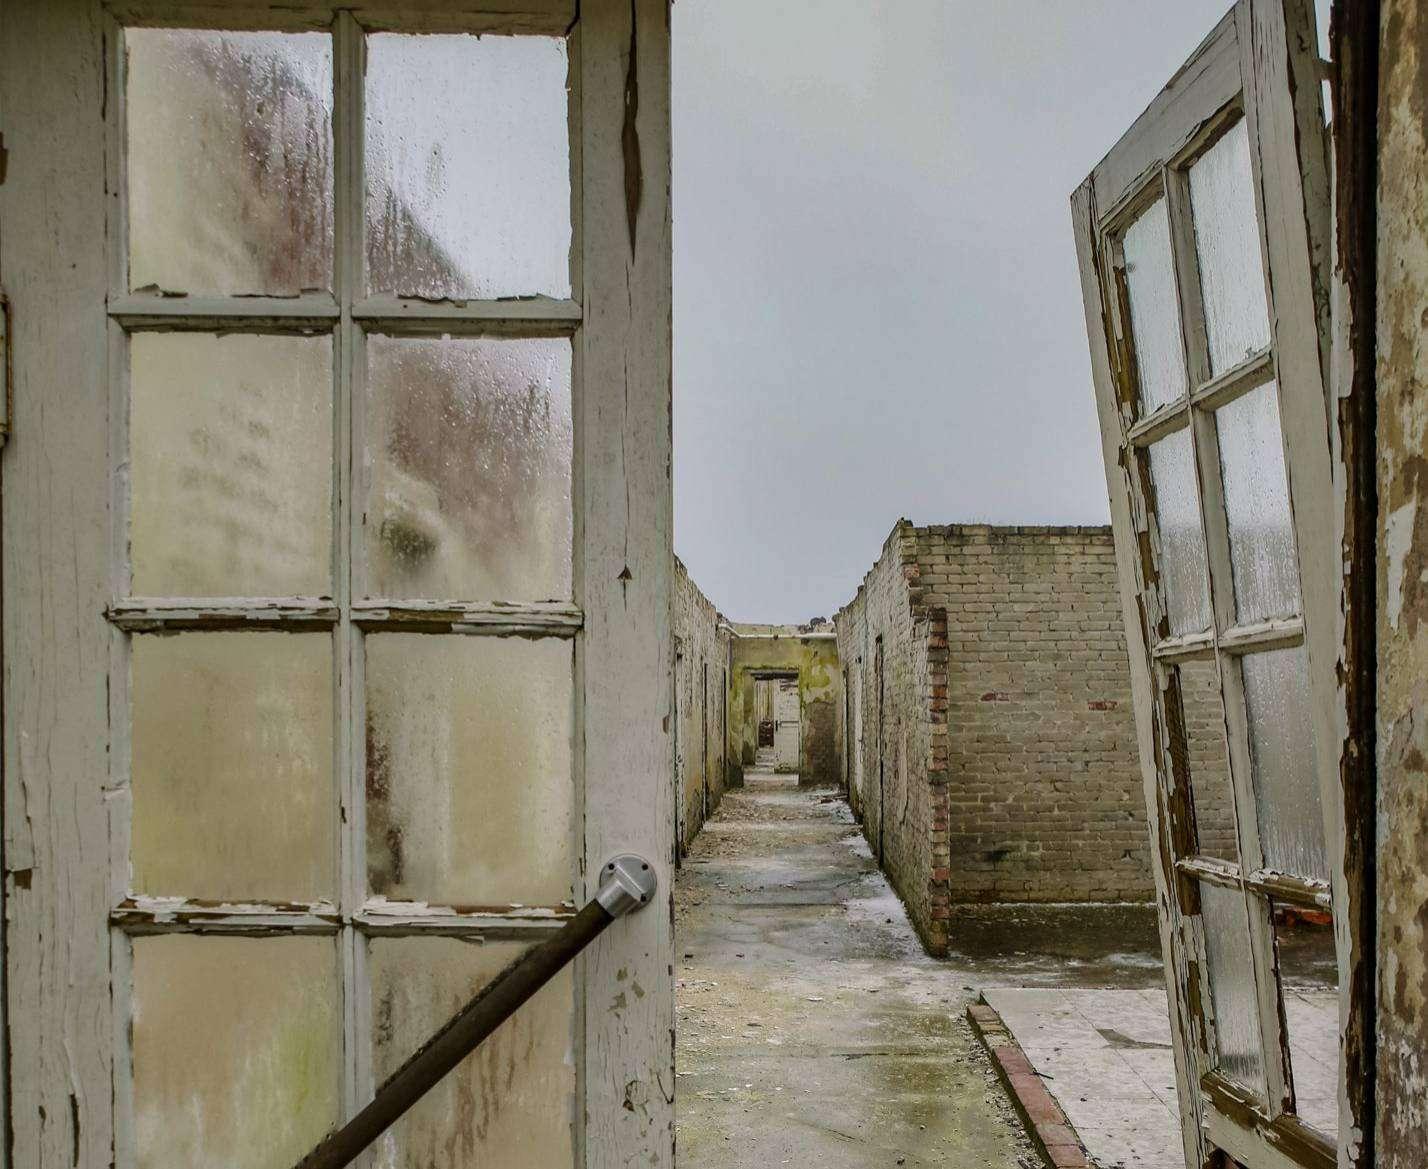 Bilder von Hochschulstudenten bieten neue Blickwinkel auf das ehemalige Kriegsgefangenenlager. Foto: Wenke Wollschläger